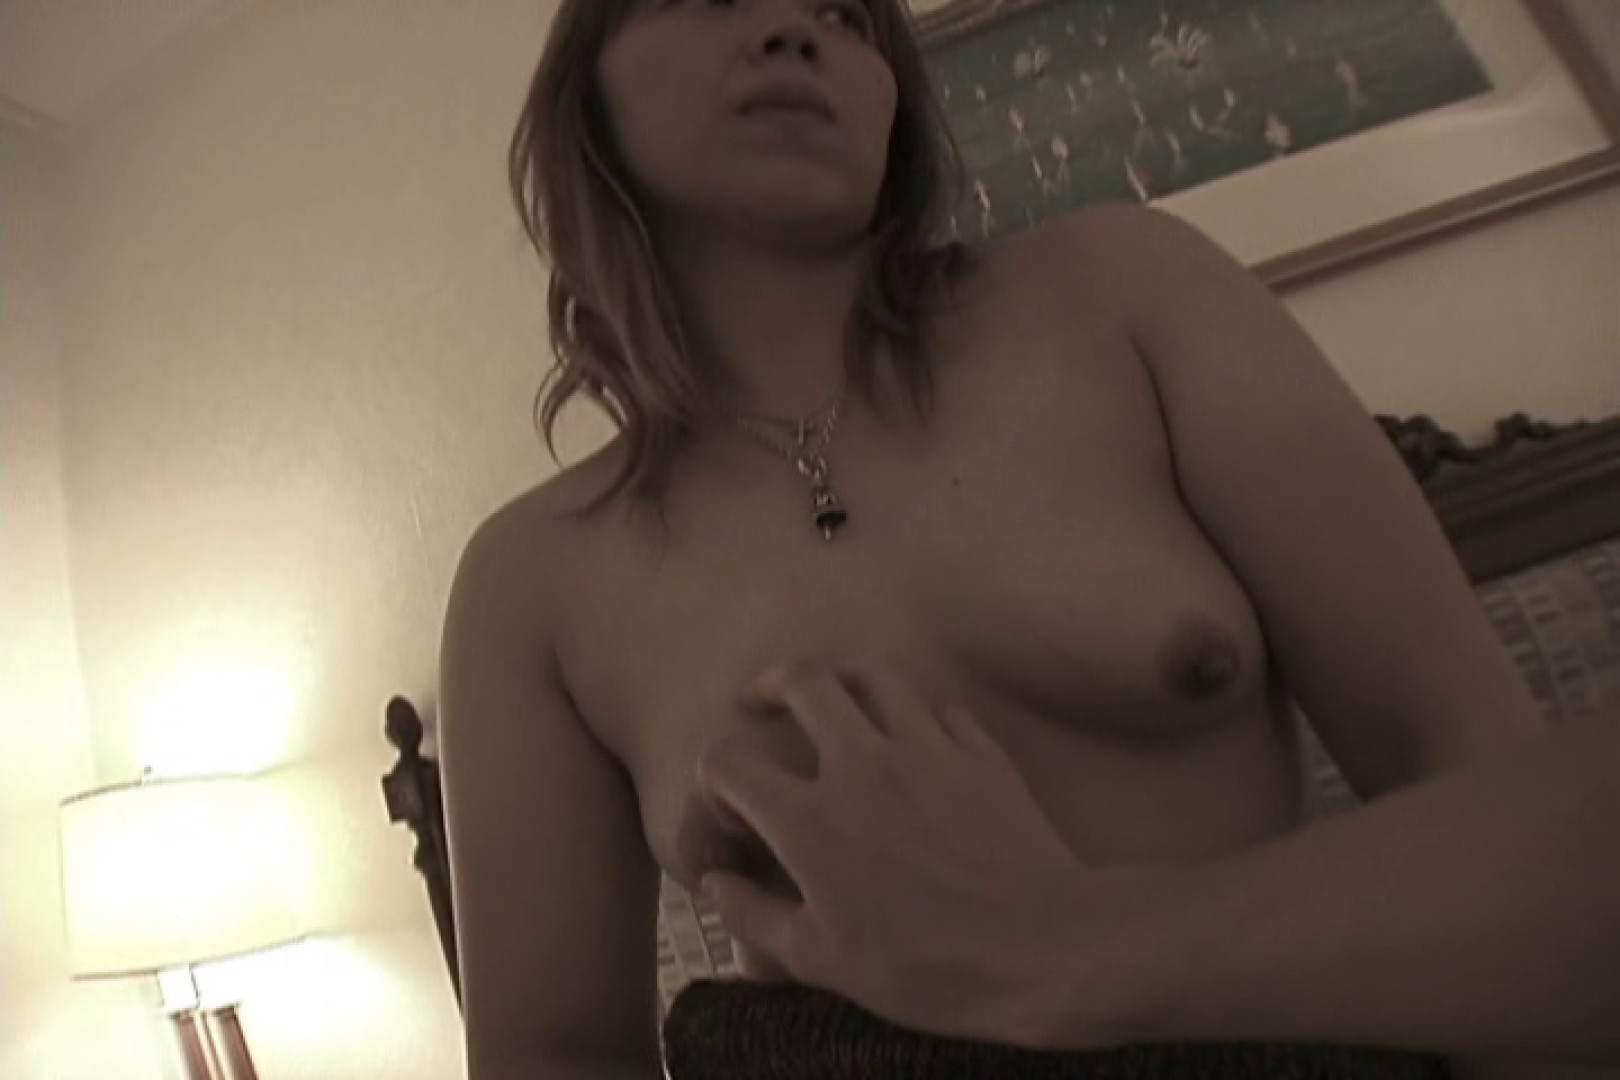 ツンデレ素人嬢もチンポには弱い~増田あけみ~ 素人   フェラ  105枚 57